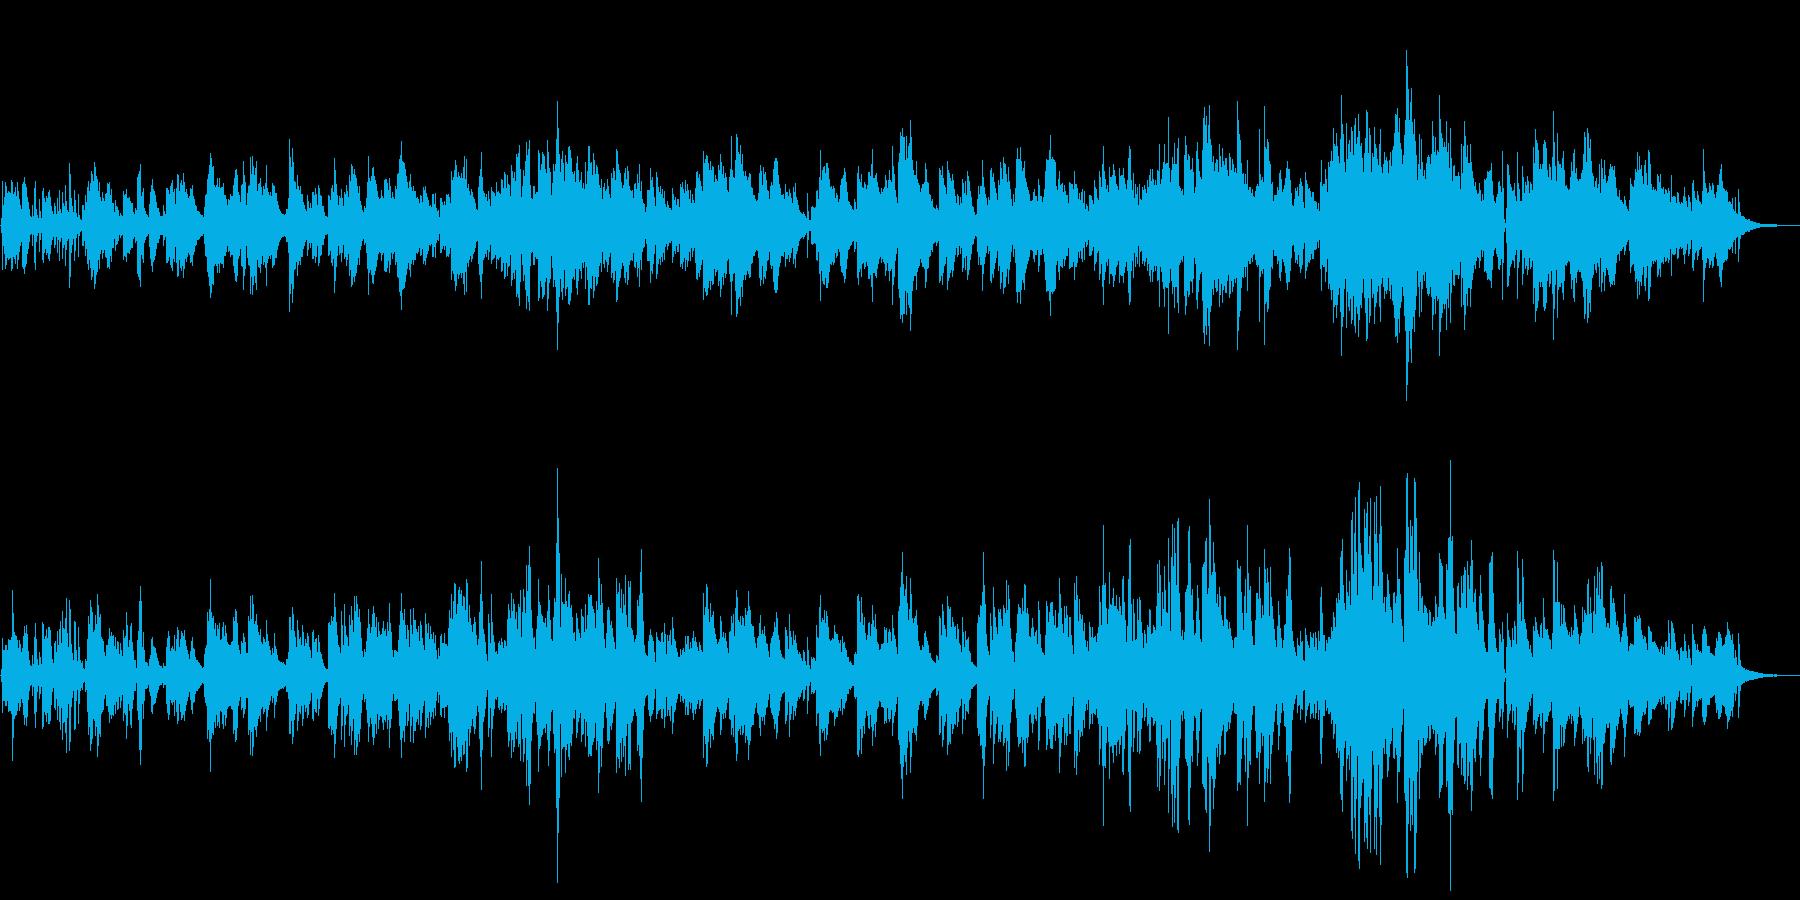 こちらは多重録音バンド「ざくろの森」の…の再生済みの波形